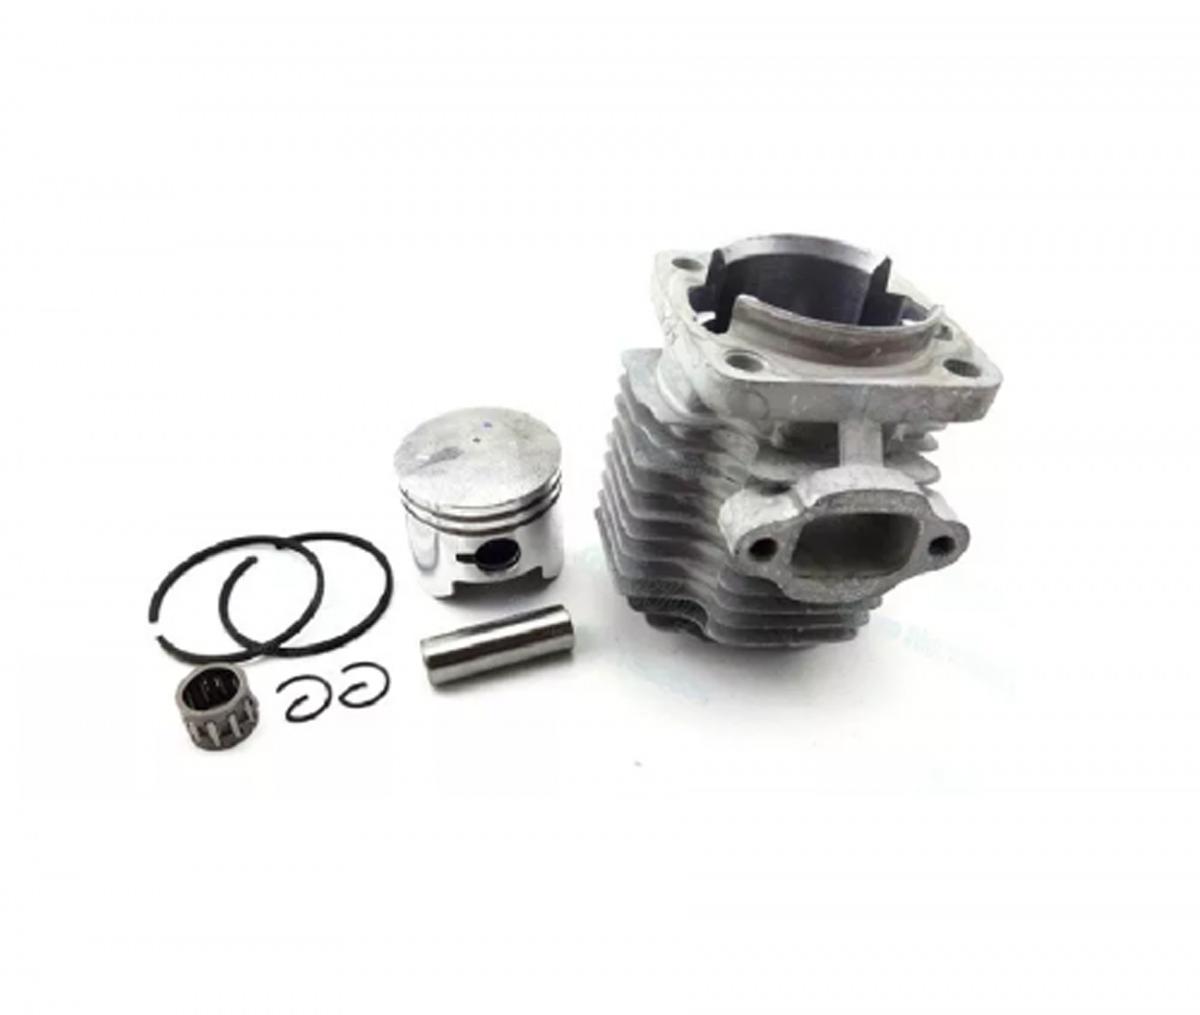 Kit Cilindro Pistão E anel Para Mini Moto 49cc - 44mm